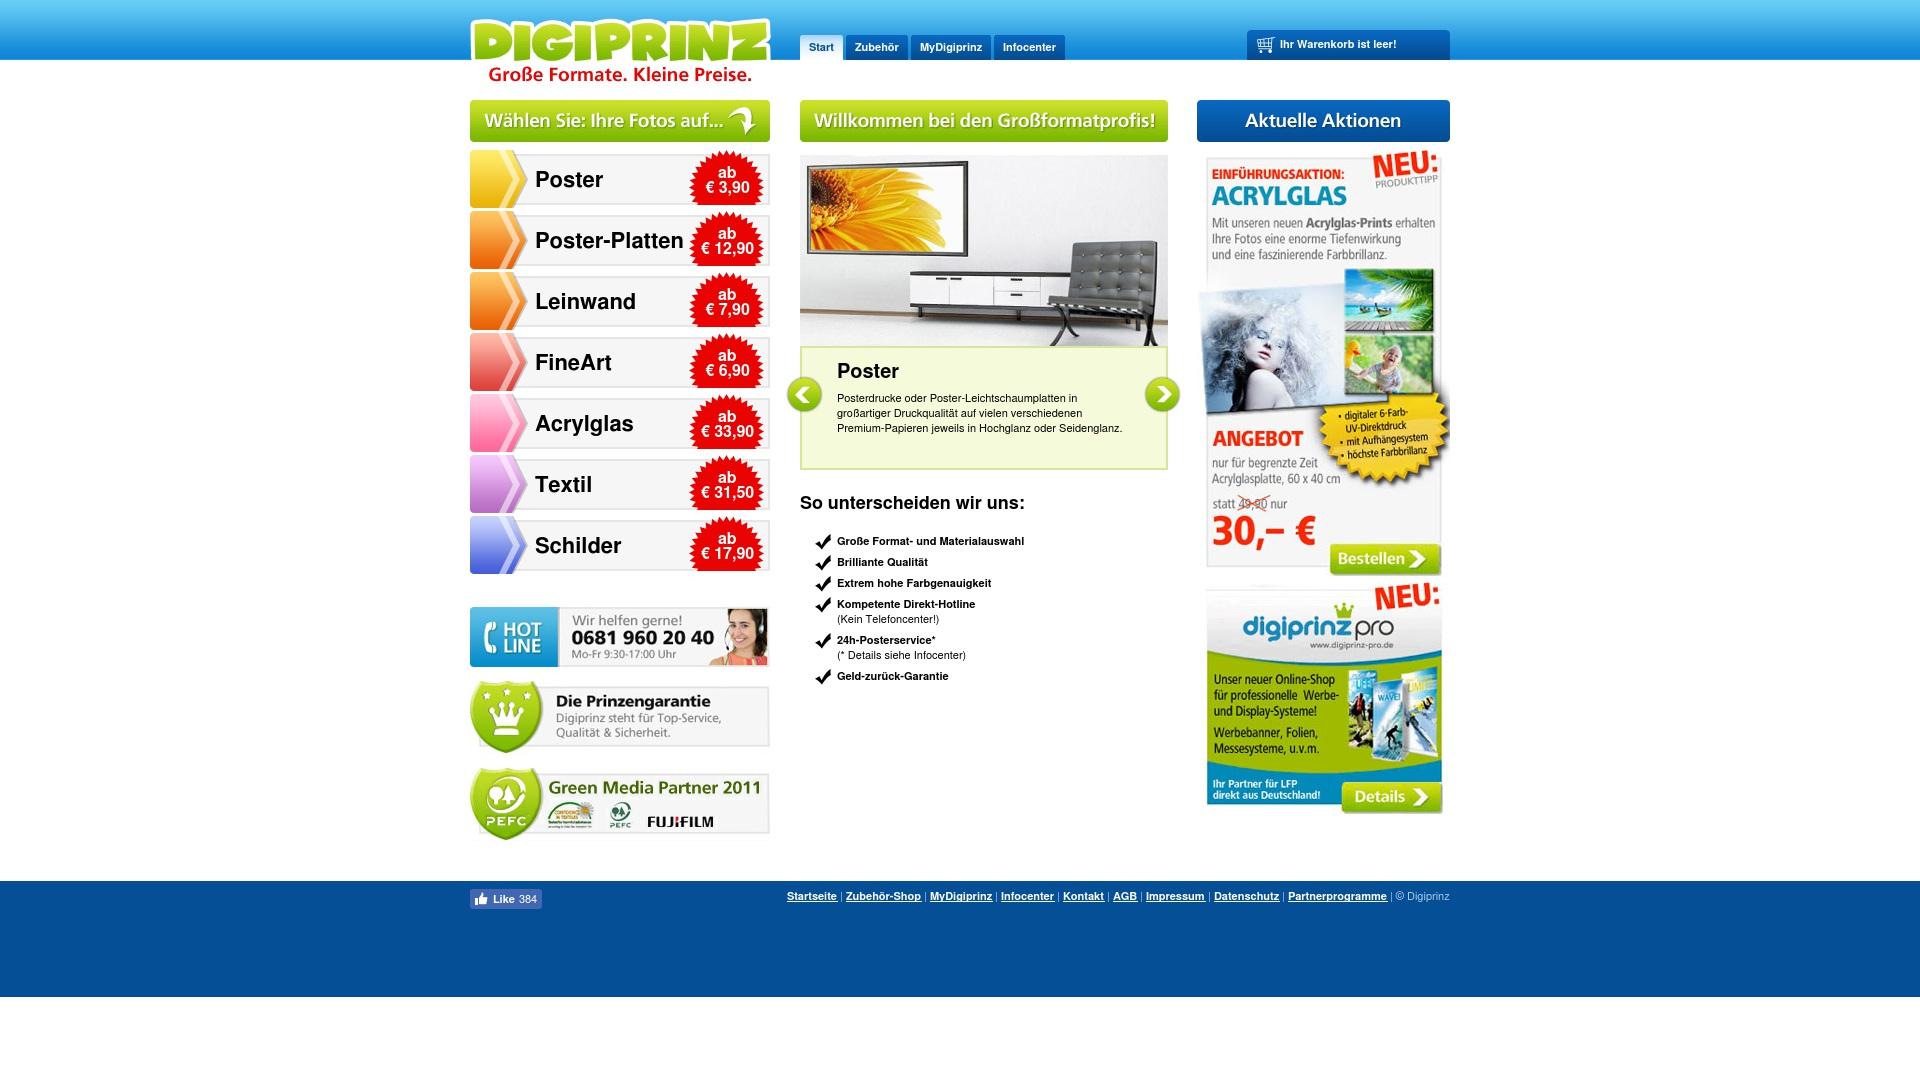 Gutschein für Digiprinz: Rabatte für  Digiprinz sichern